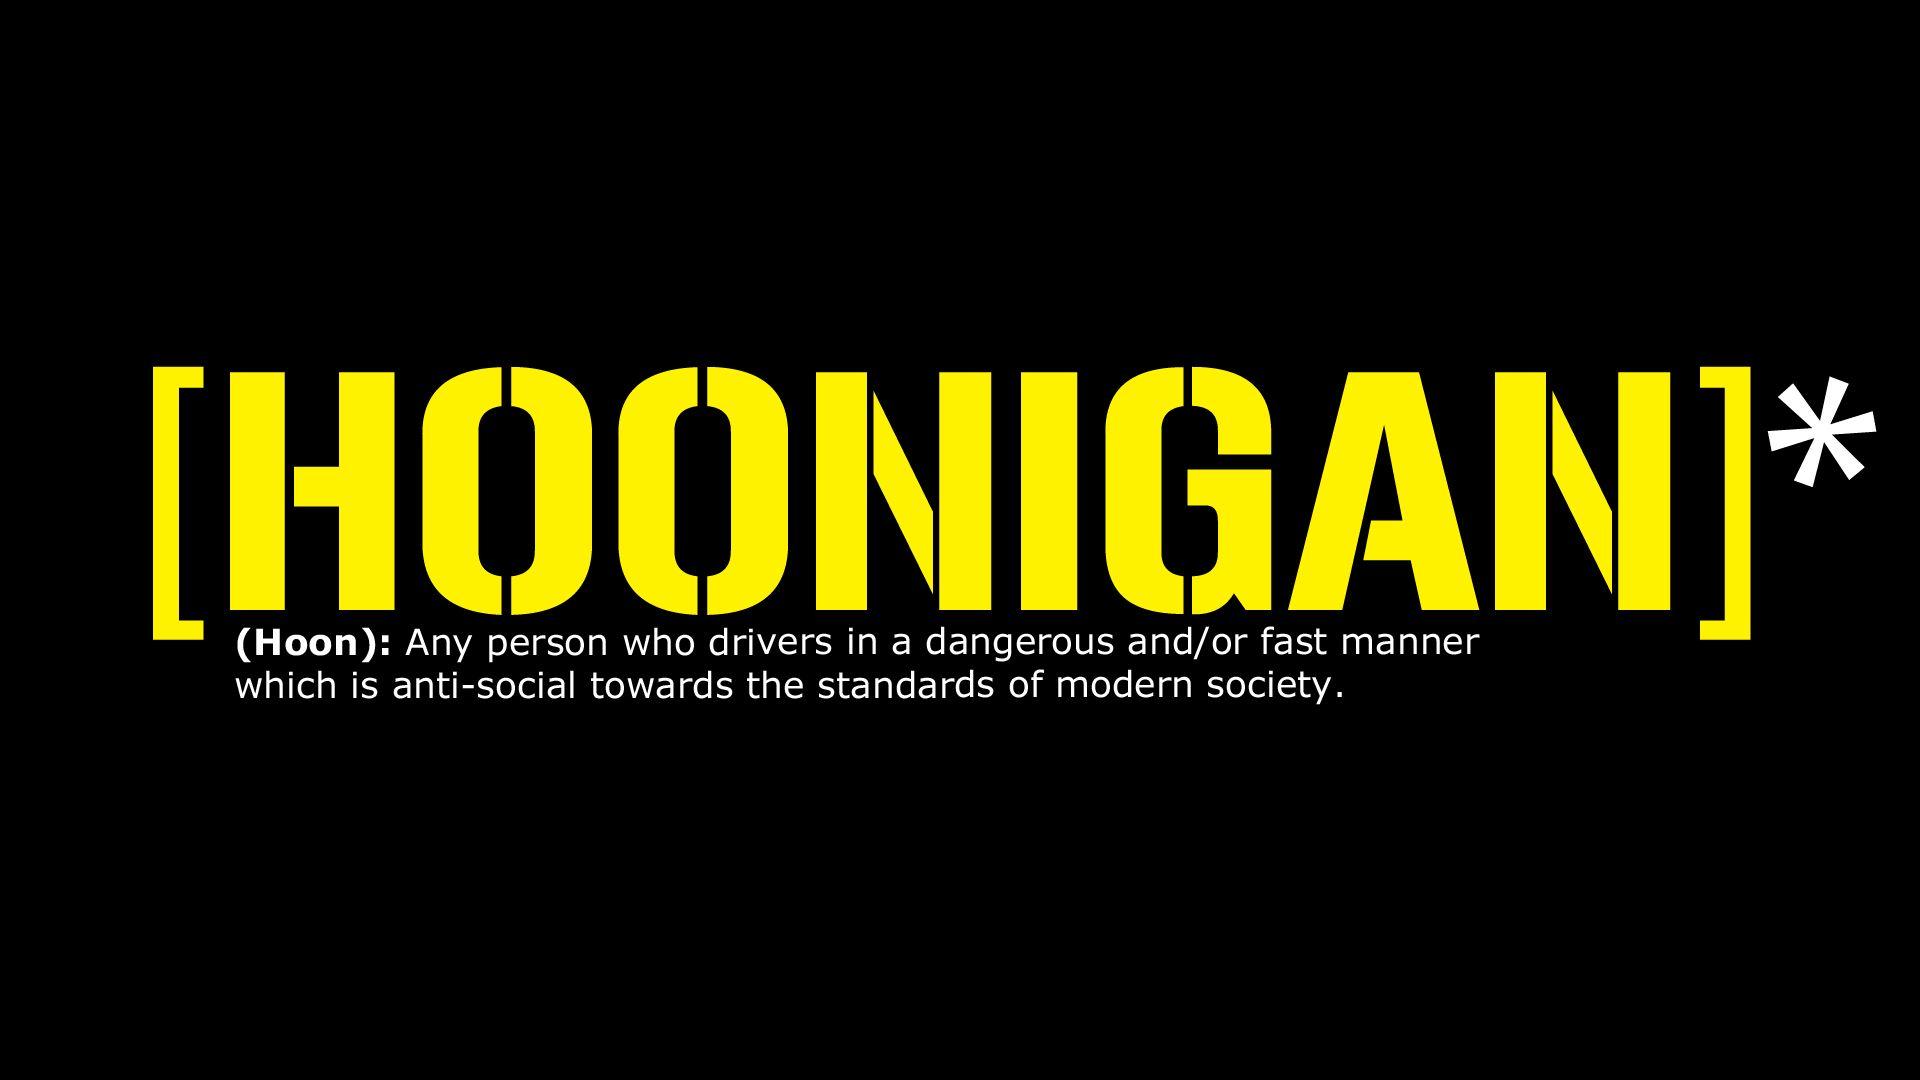 Hoonigan Mustang Monster